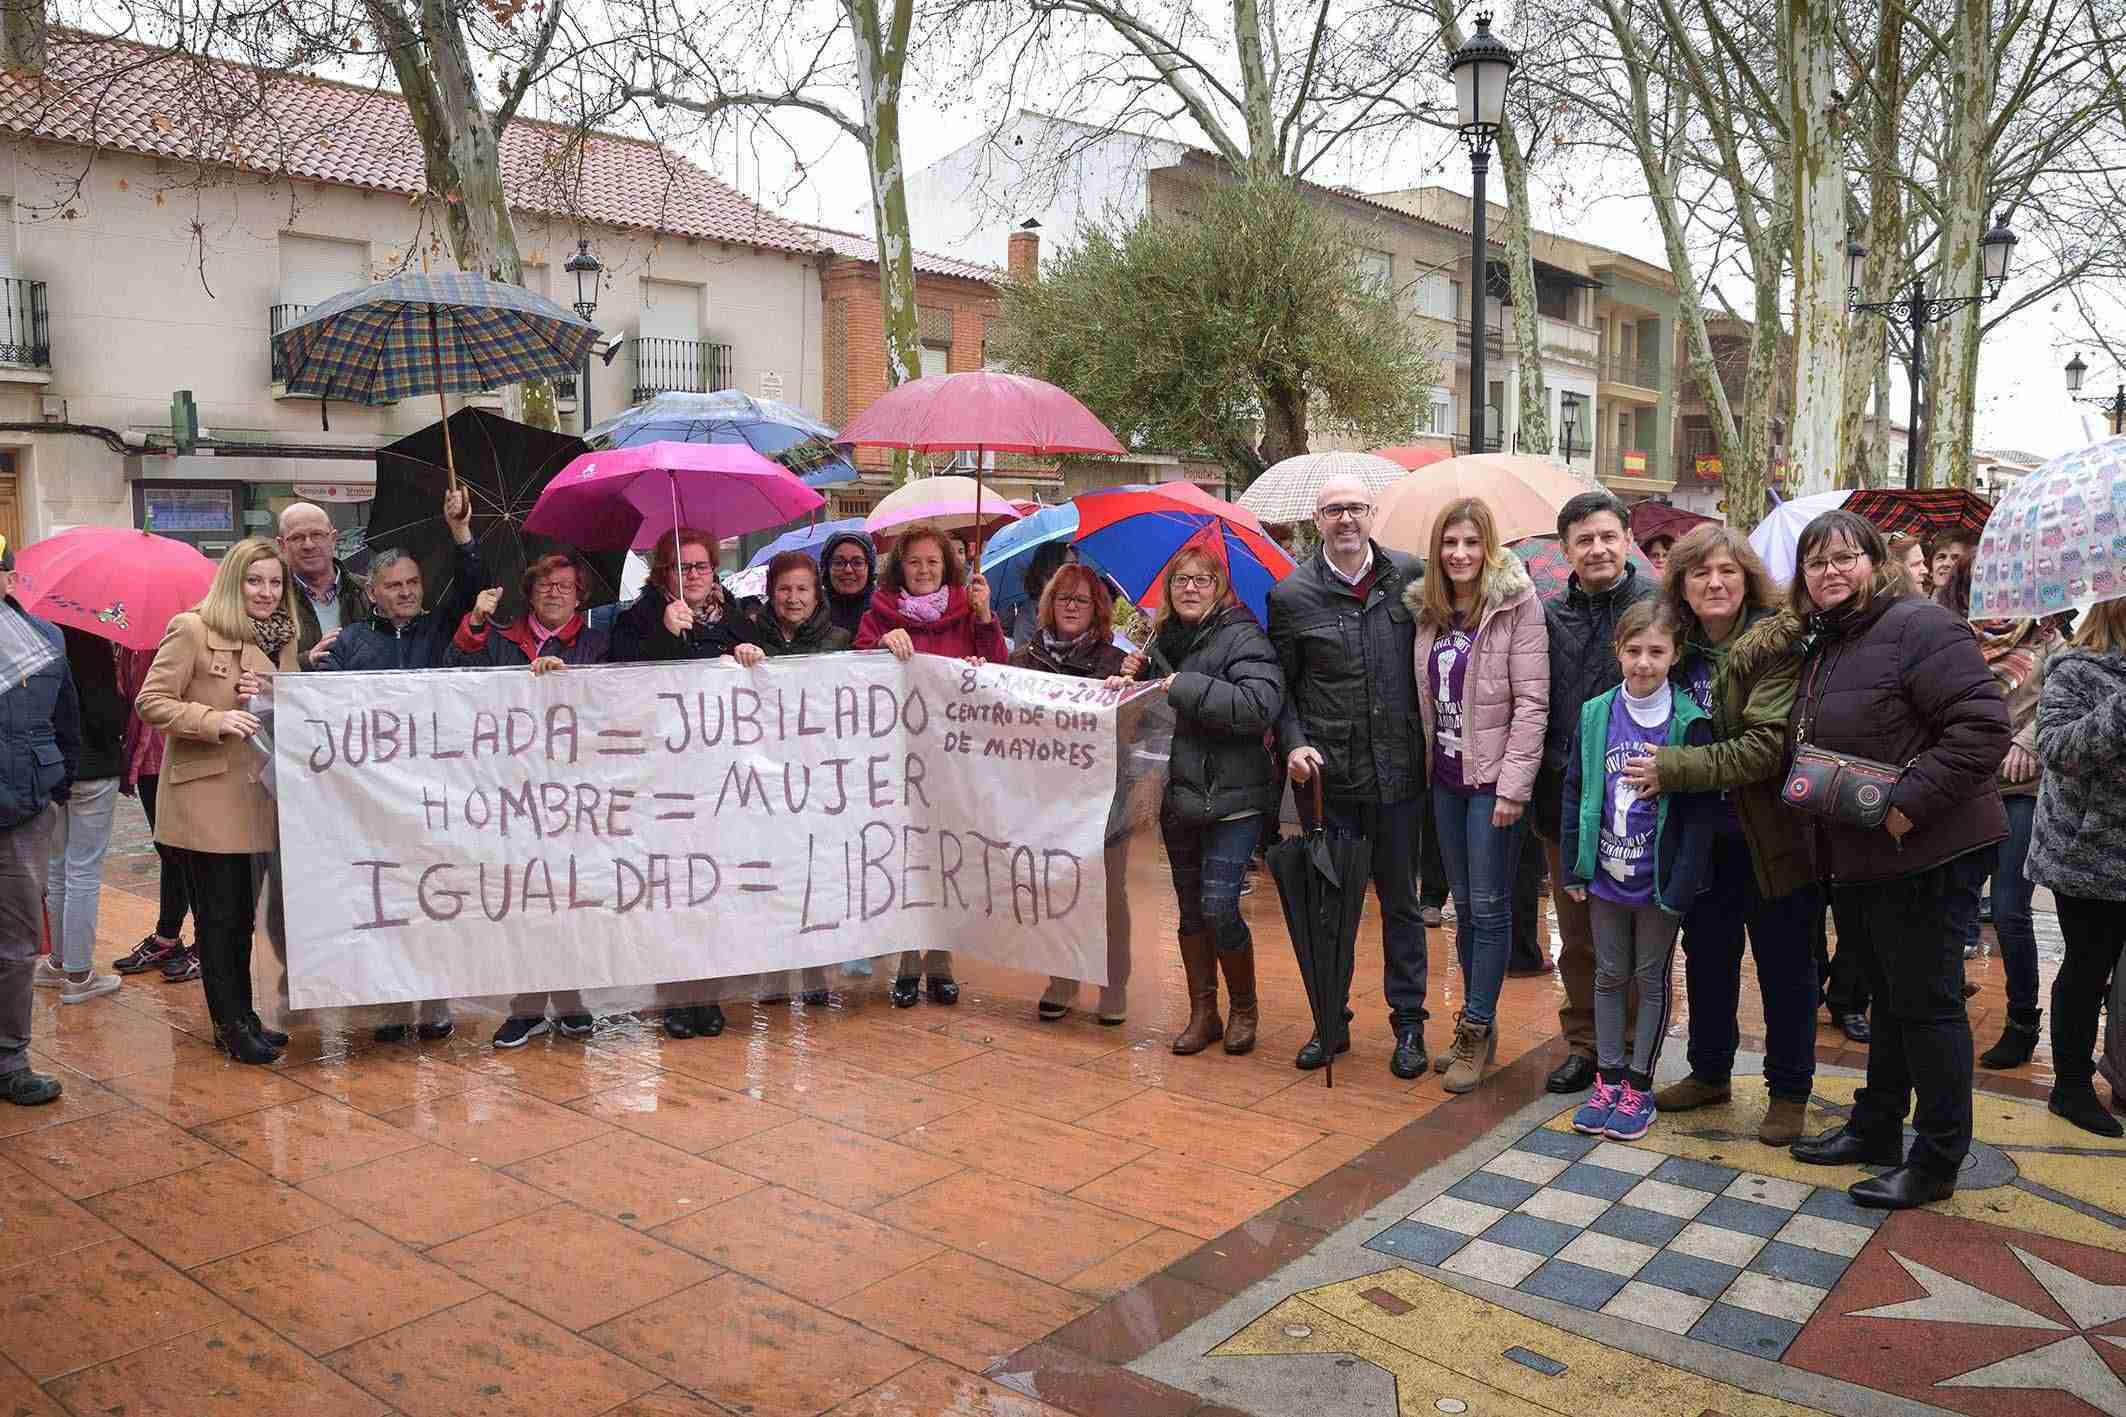 Argamasilla de Alba conmemora el 8M con una concentración por la igualdad 1